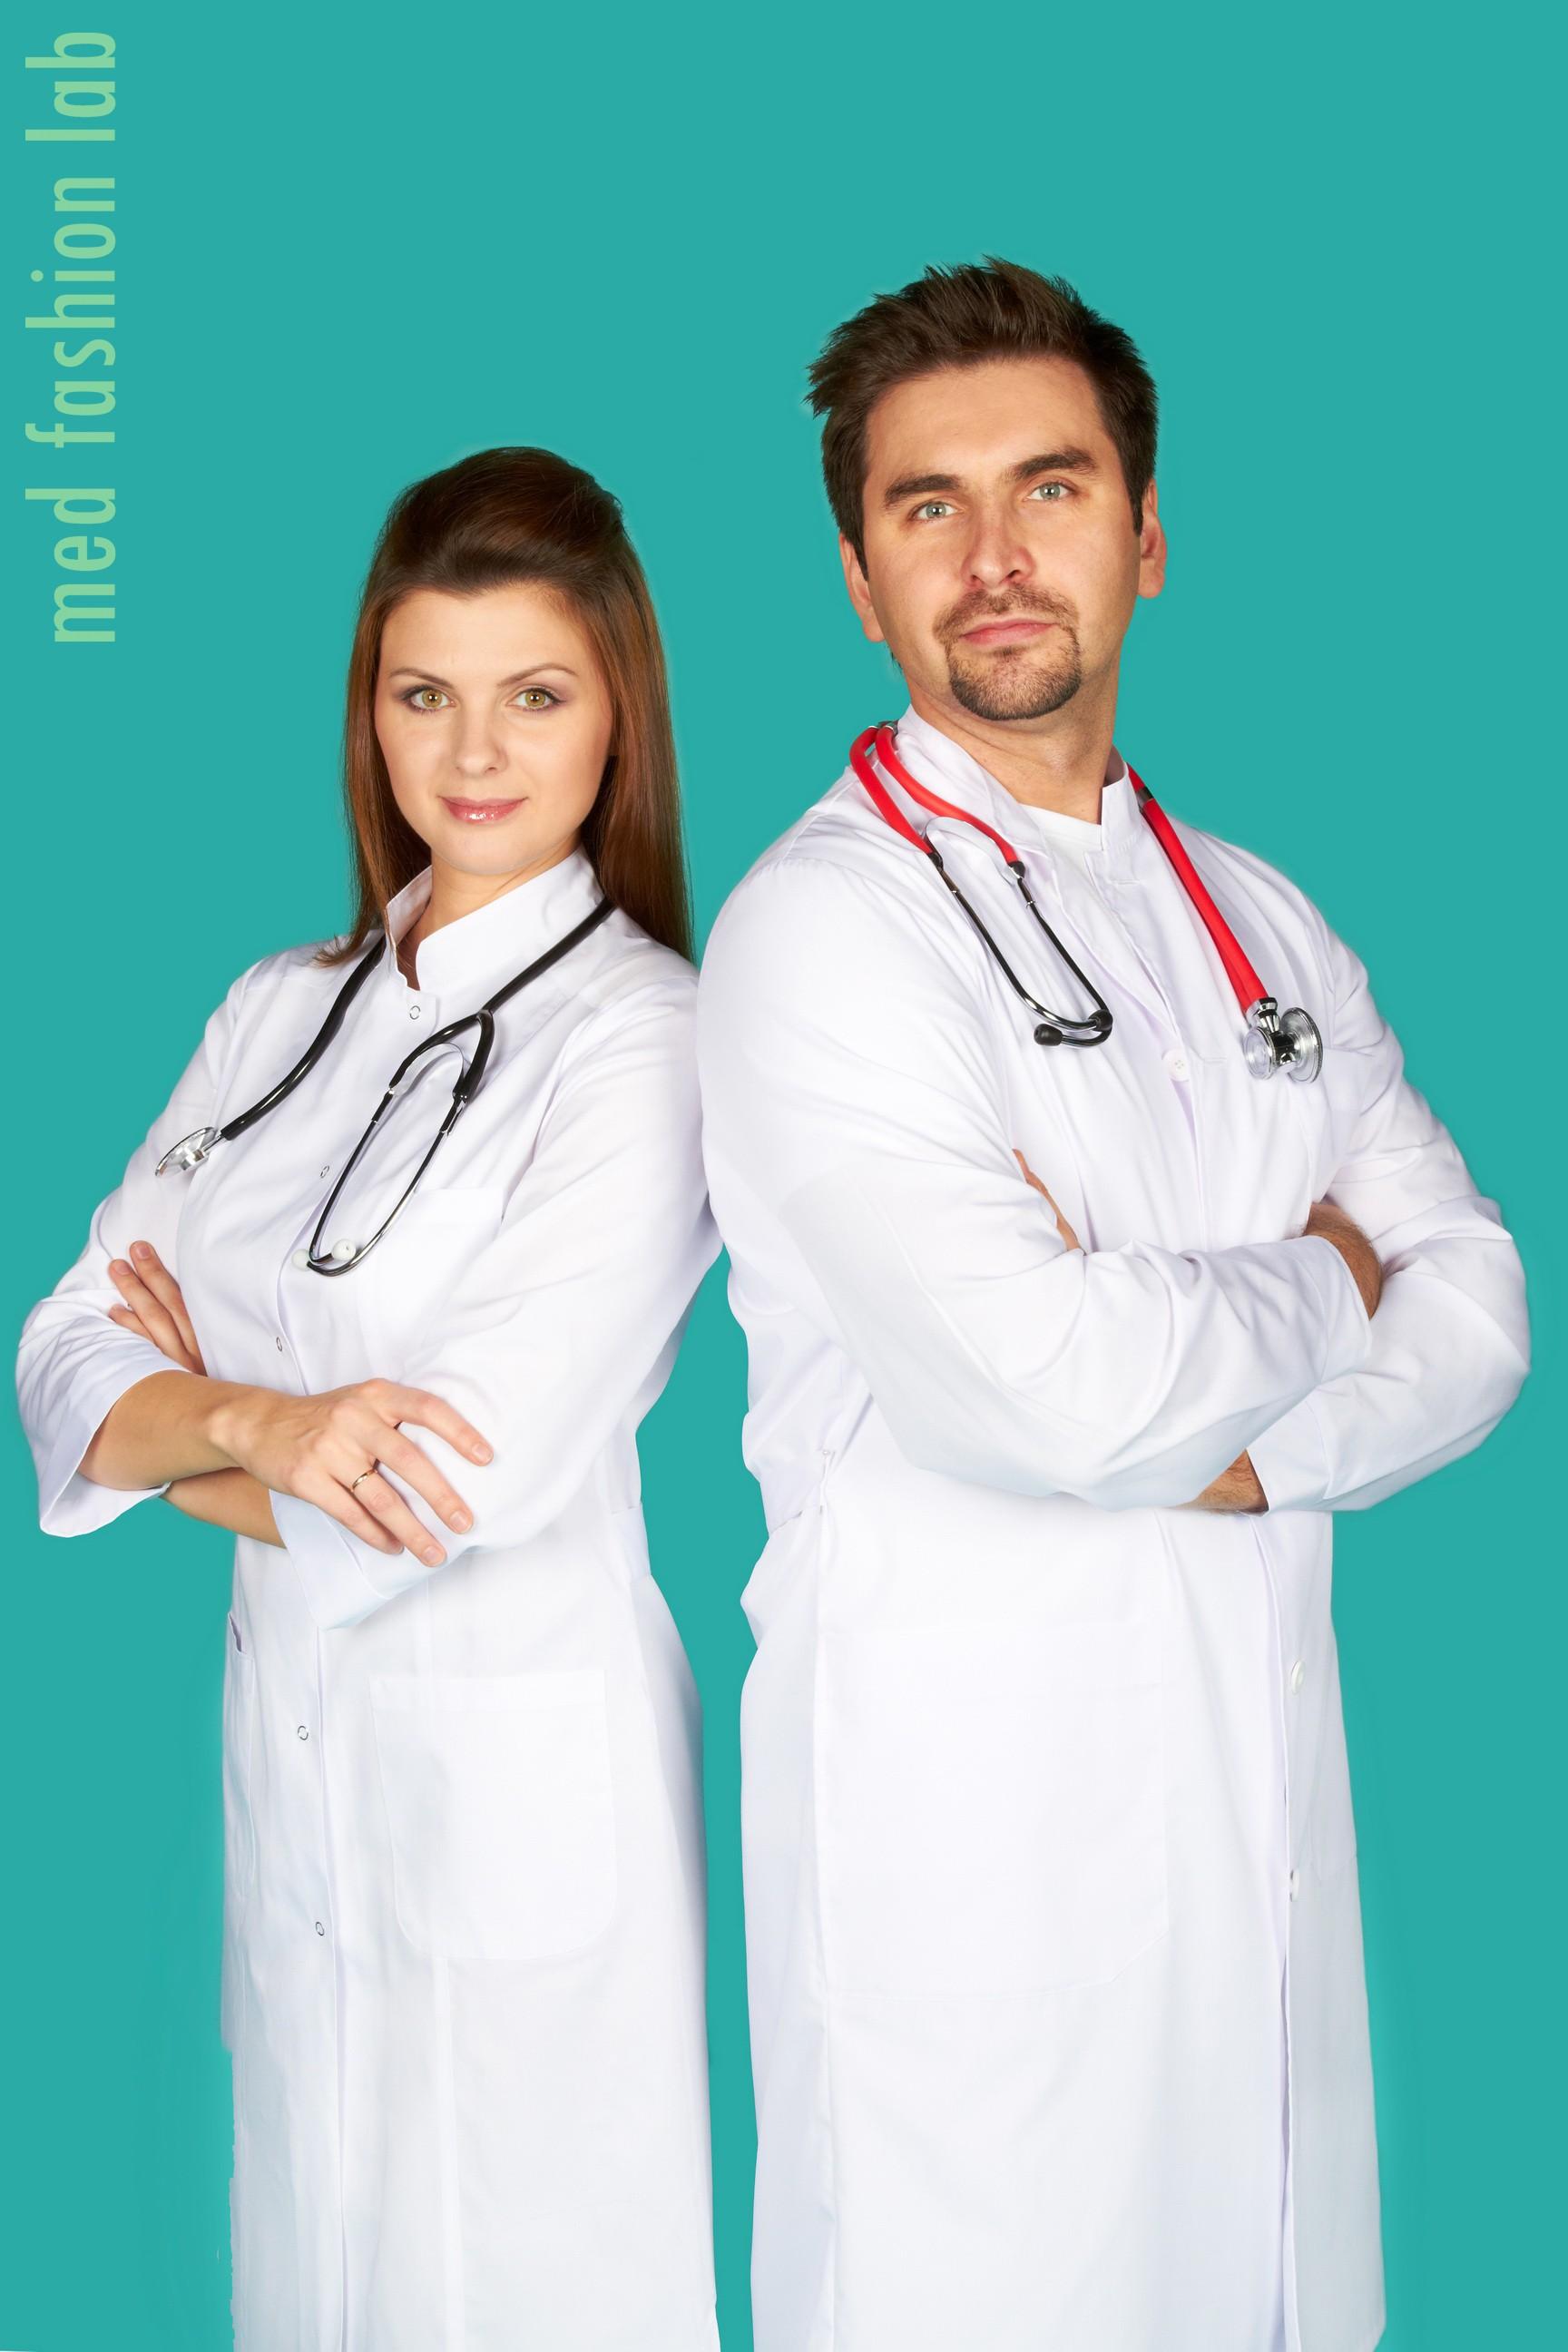 c3b1ebfd90a1d Med Fashion Lab - Медицинская одежда от производителя